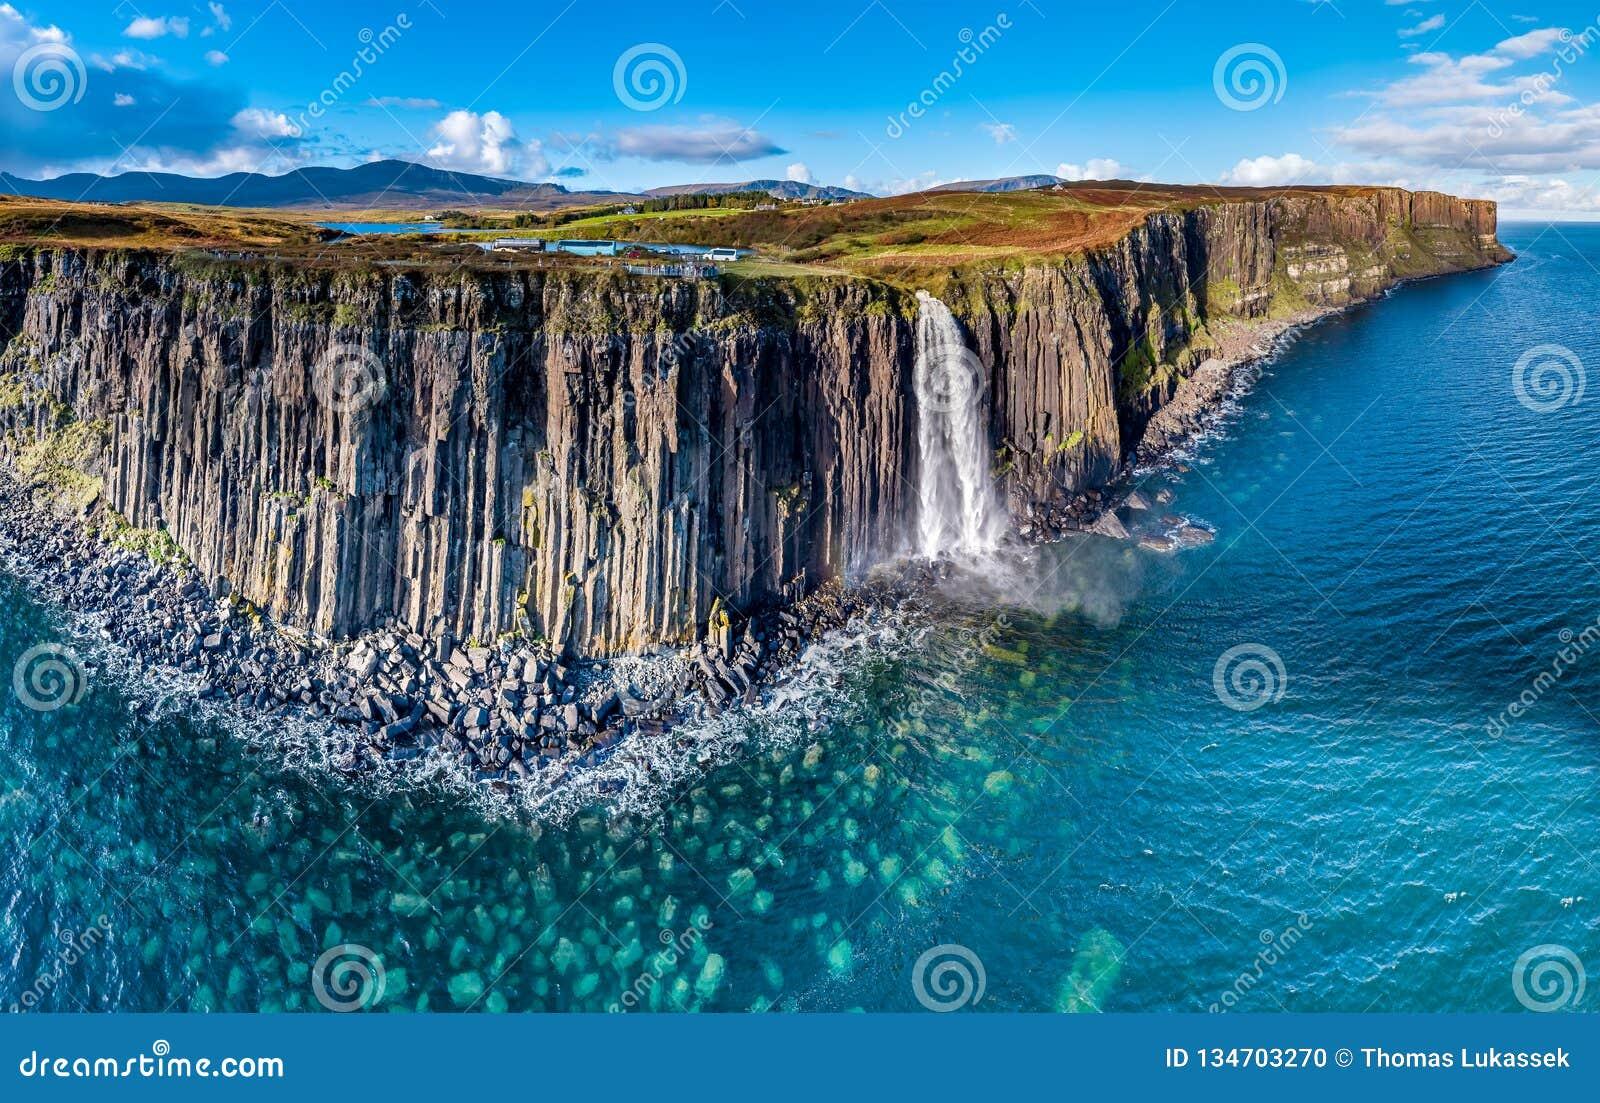 Ideia aérea do litoral dramático nos penhascos por Staffin com a cachoeira famosa da rocha do kilt - ilha de Skye -